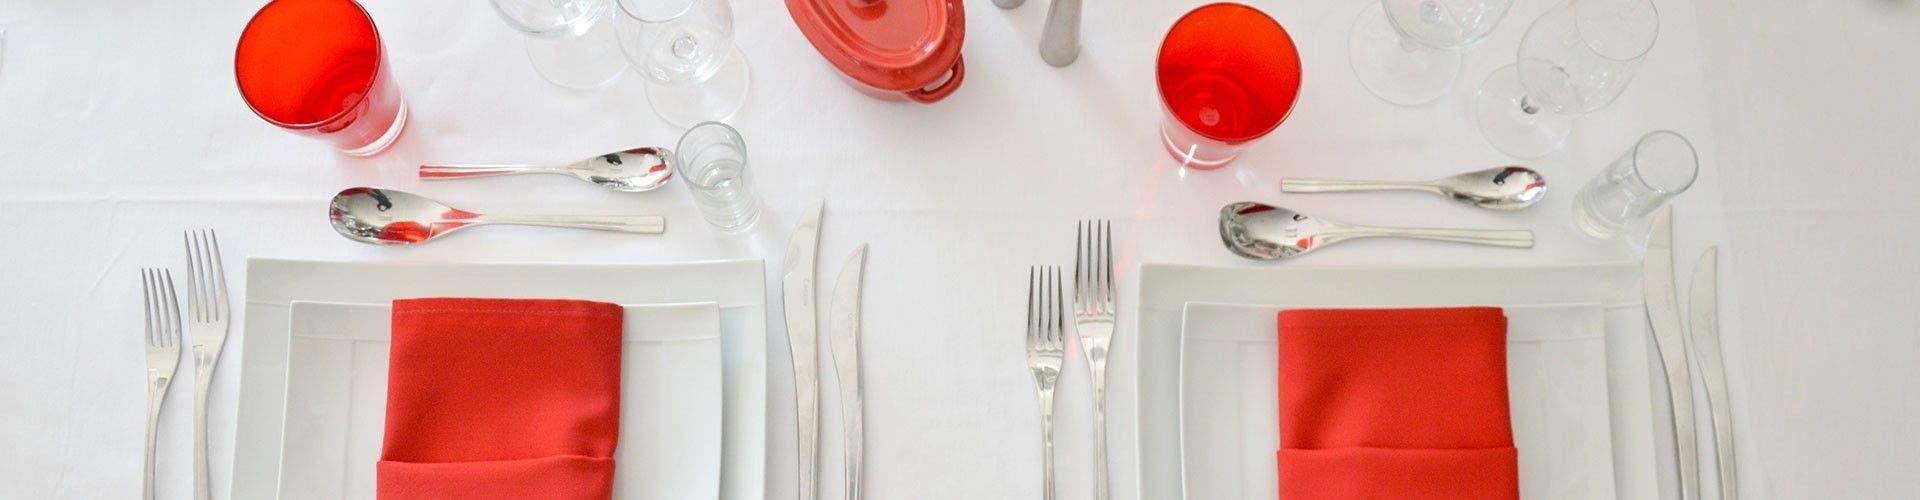 Dévouvrez notre Catalogue de vaisselle, mobilier, tentes, chapiteau et décoration sur Lyon et Grenoble